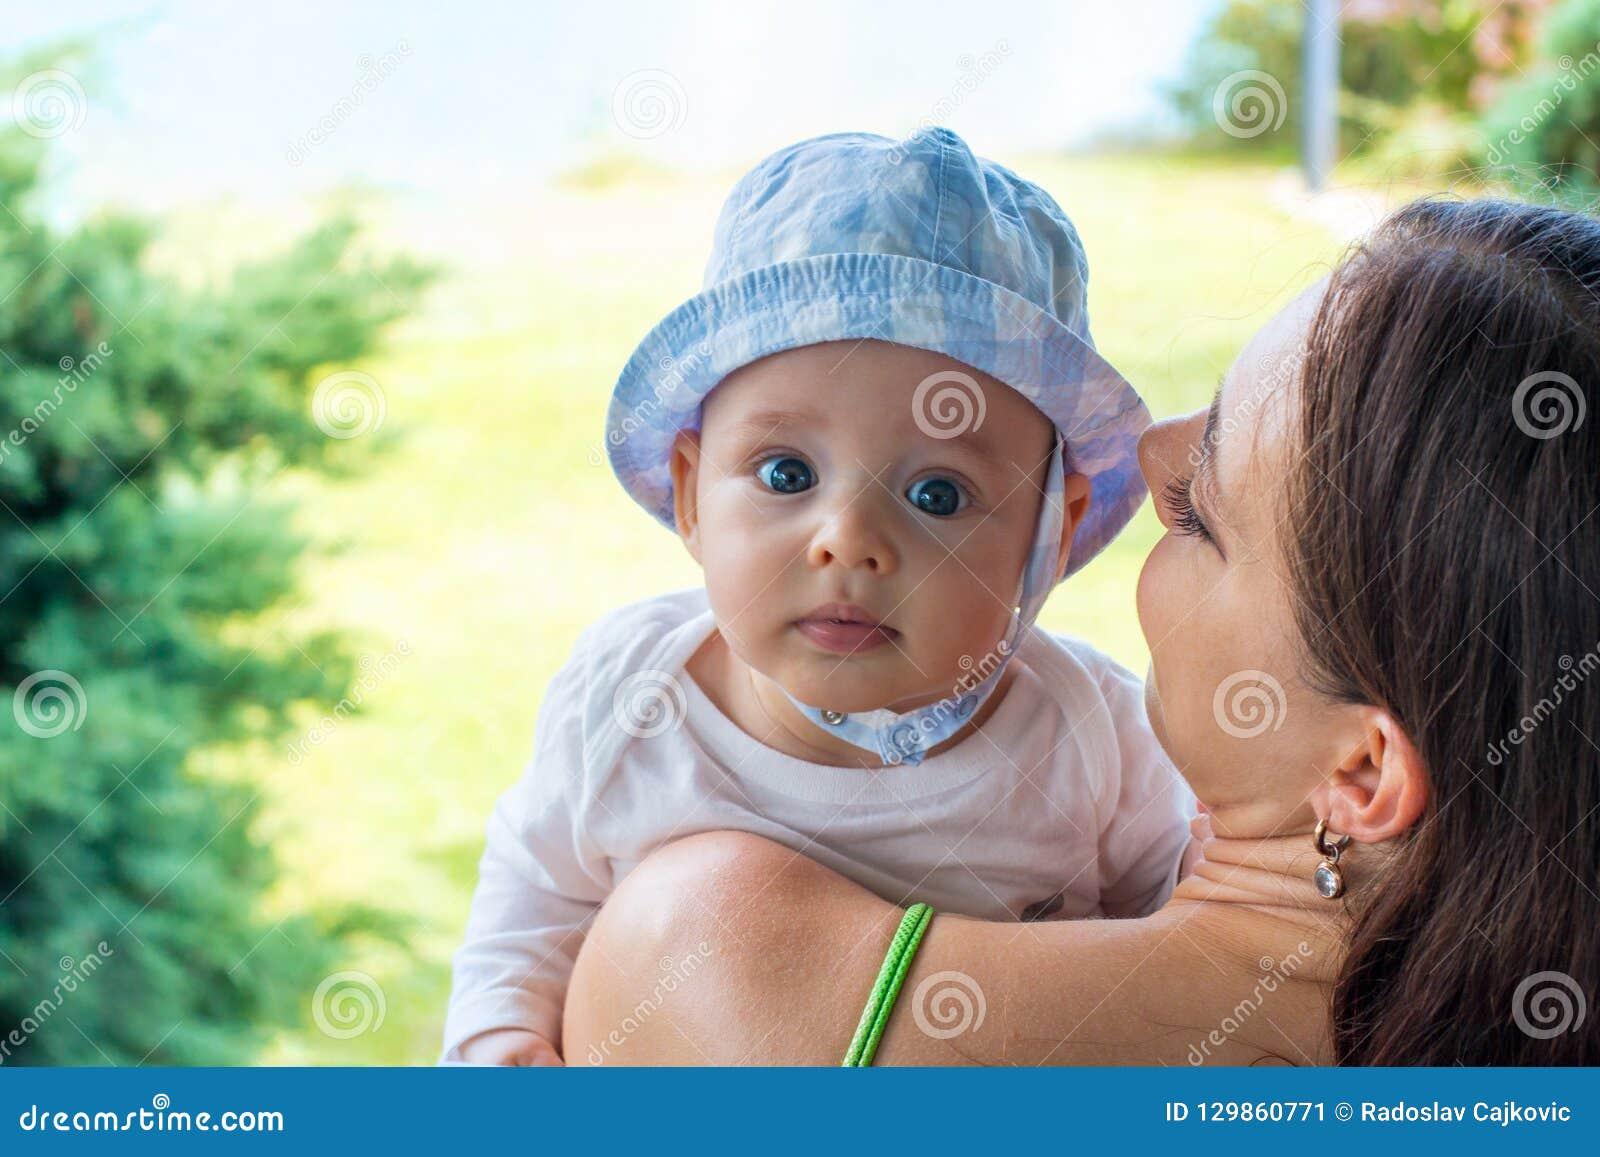 Bebê eyed azul bonito do afago bonito da mãe no chapéu, retrato infantil da cara